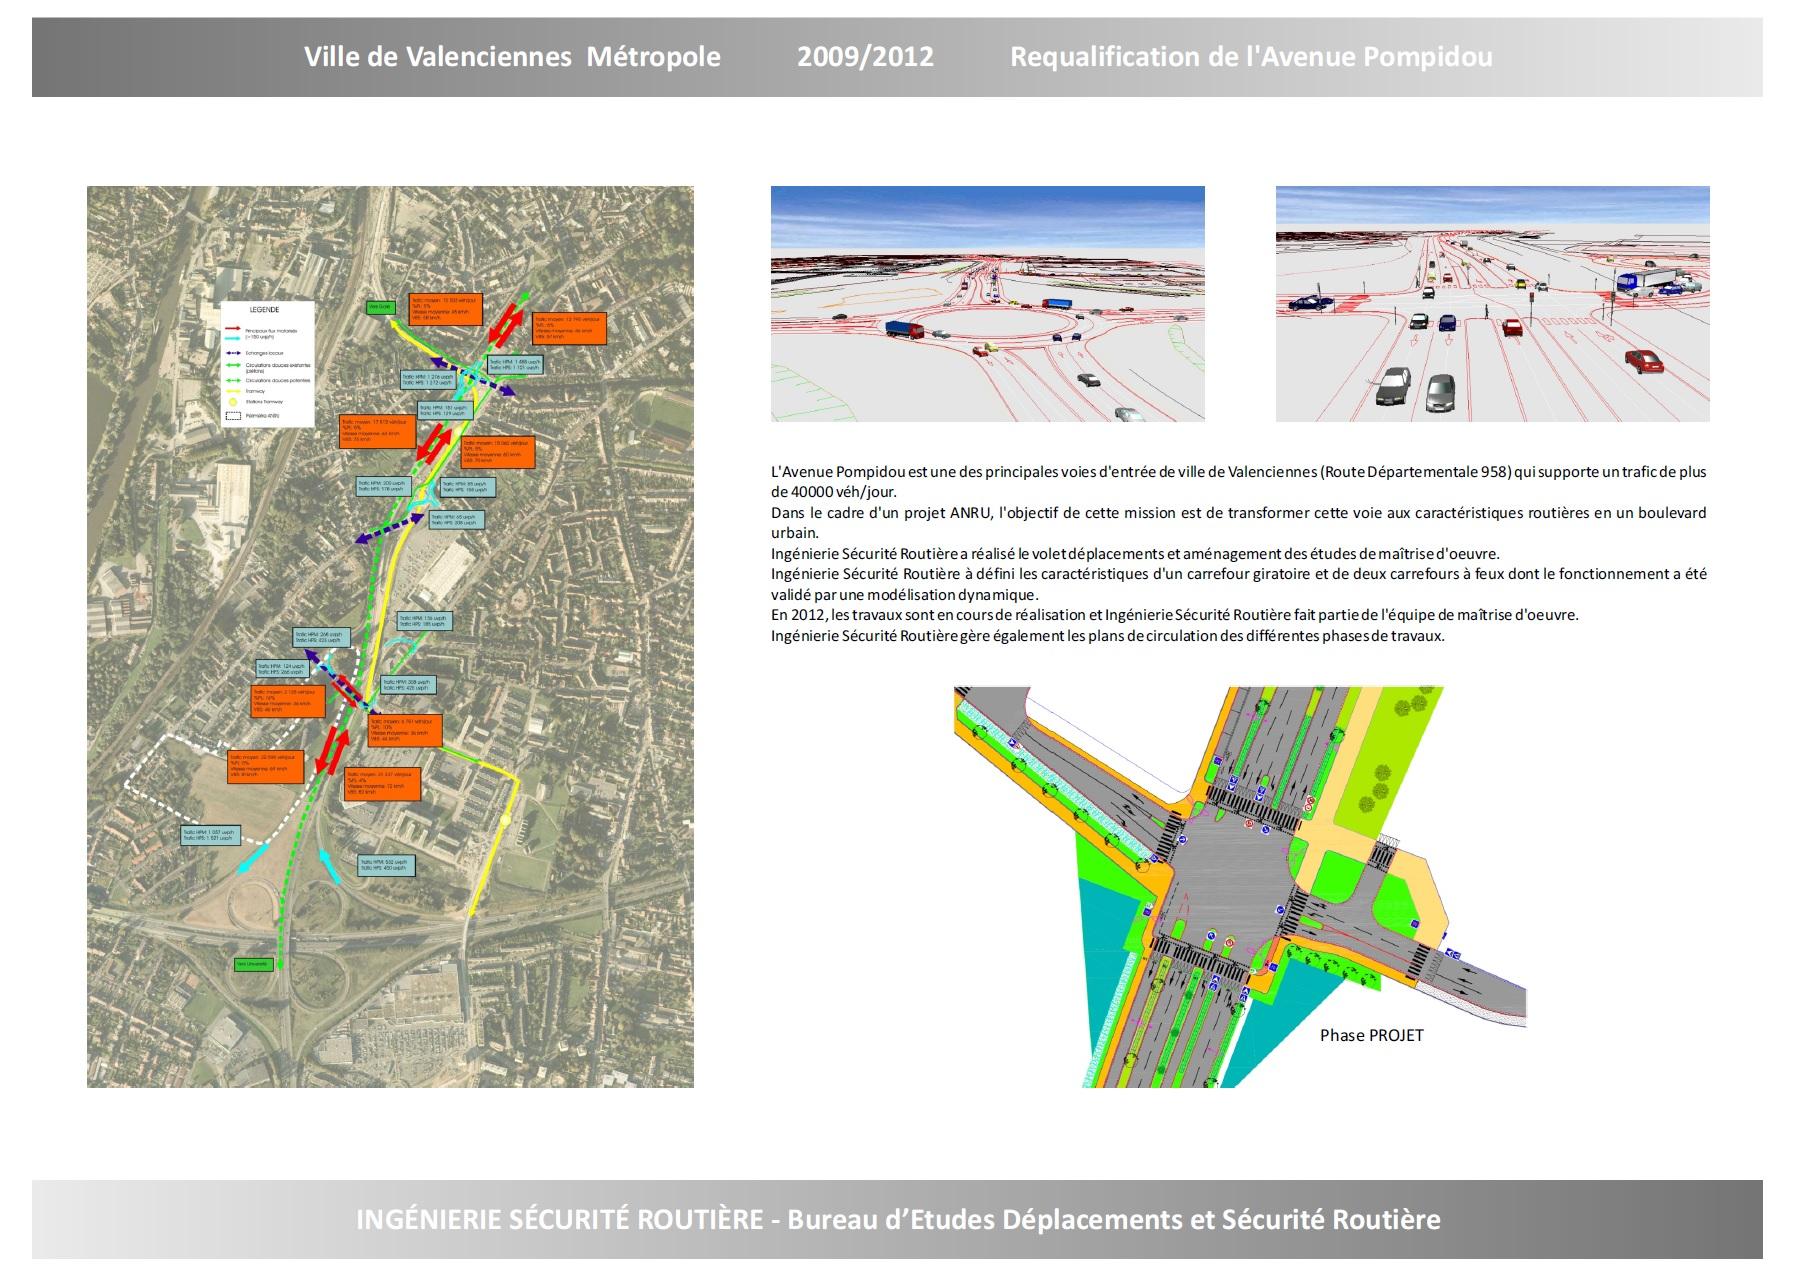 Ville de Valenciennes : Requalification de l'avenue Pompidou